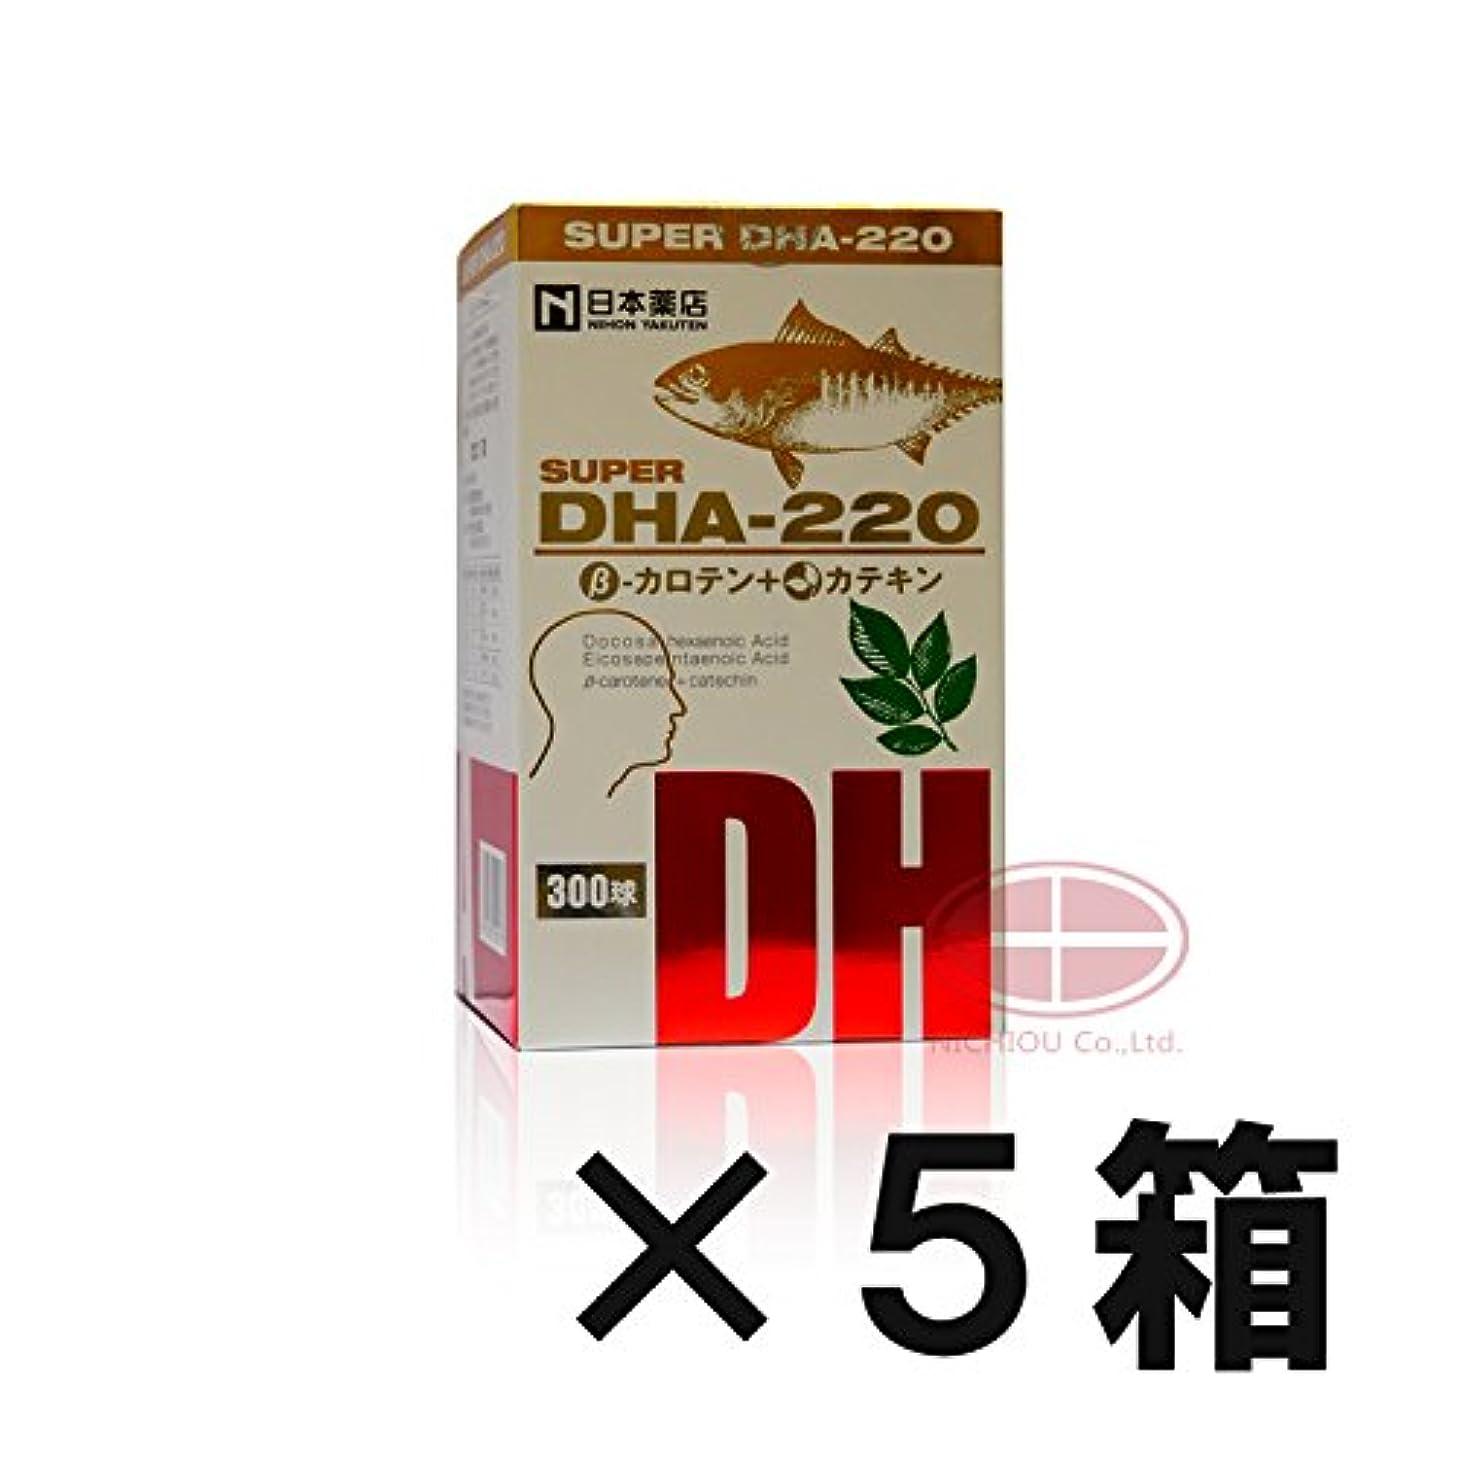 取り囲むスポーツ小間薬王製薬 スーパーDHA220 βカロテン+カテキン 300粒 (5)